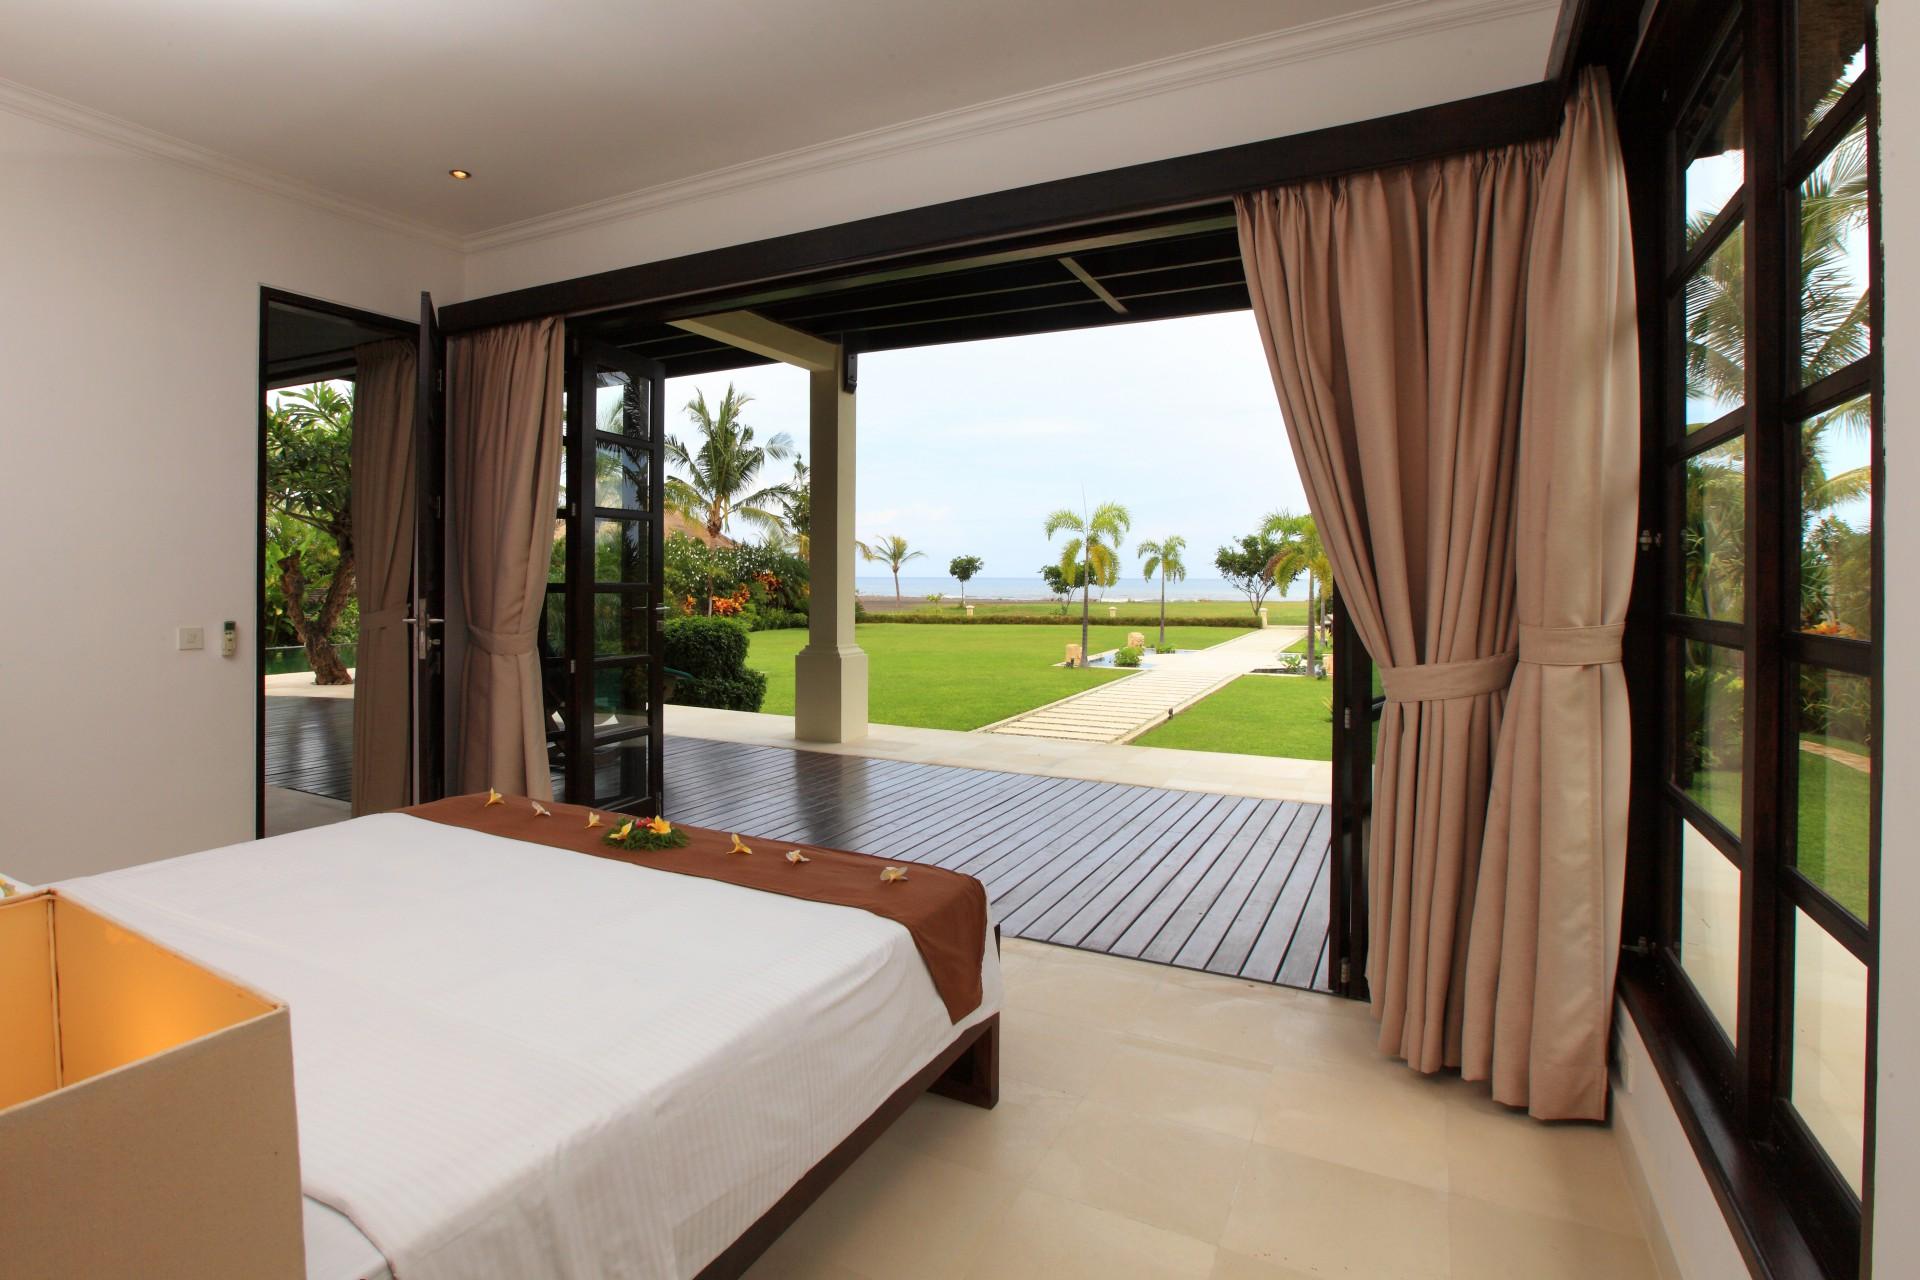 slaapkamer uitzicht